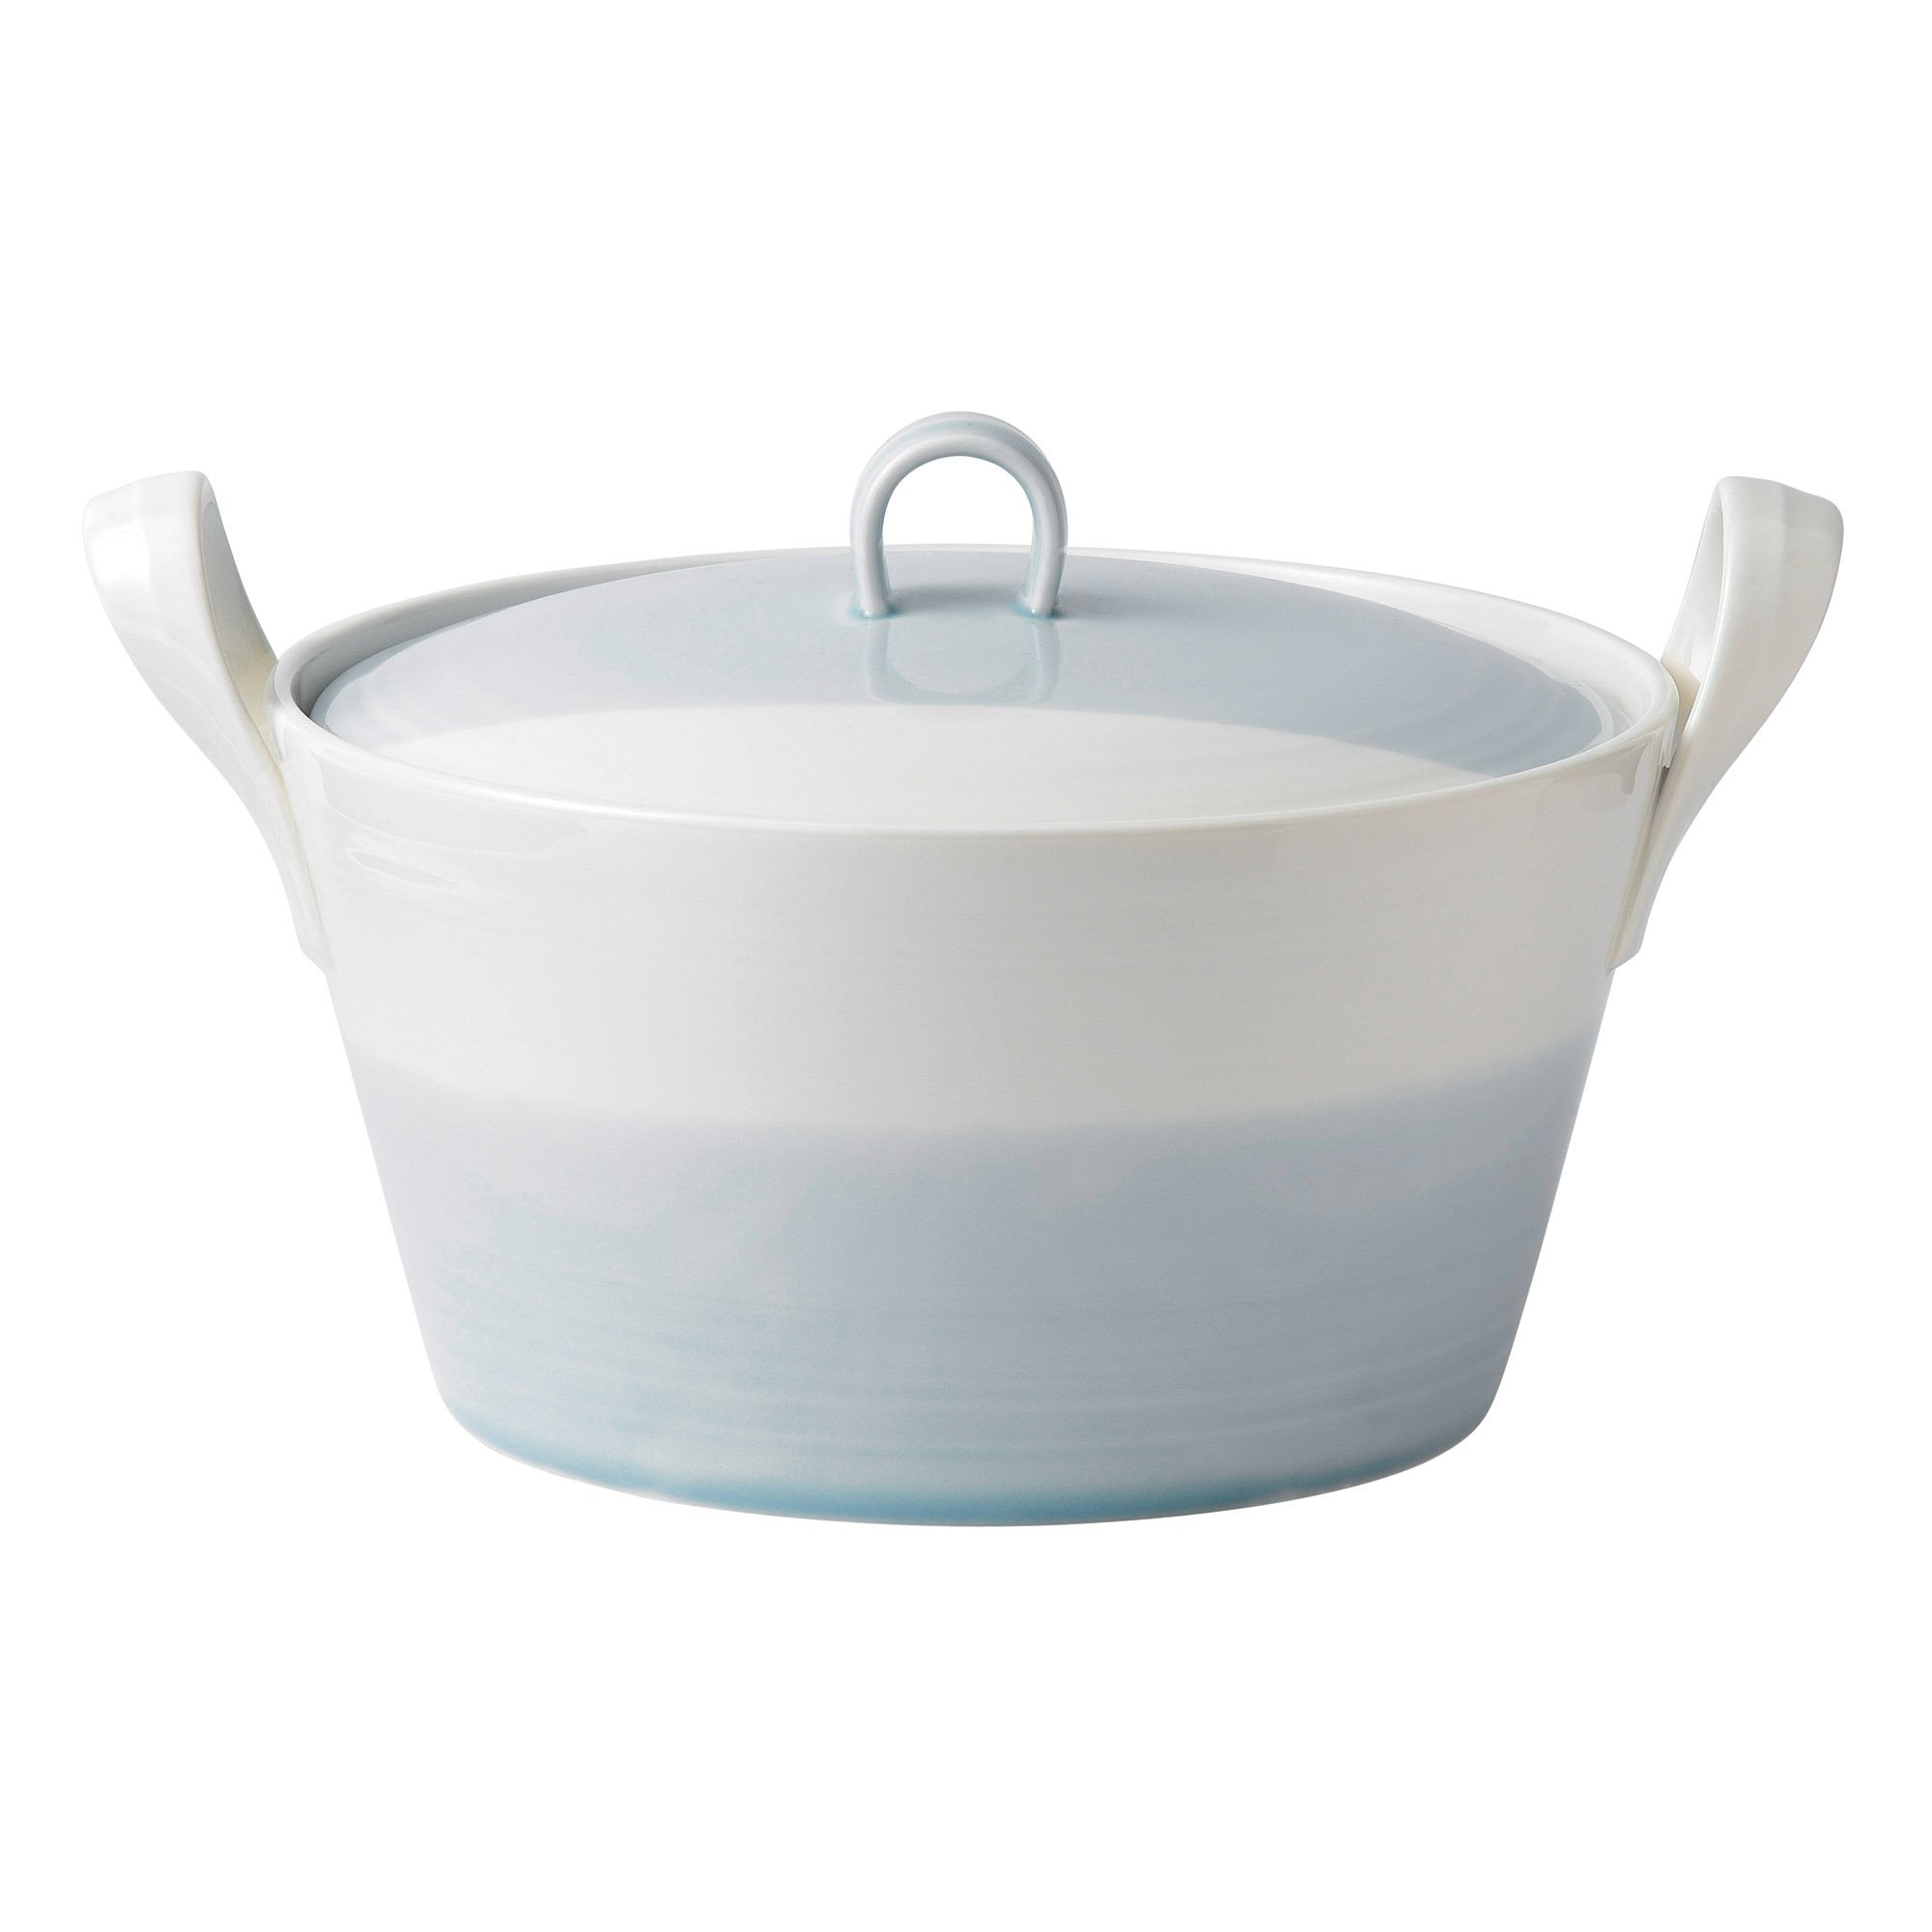 Royal Doulton 1815 Blue Casserole Dish 2.5L